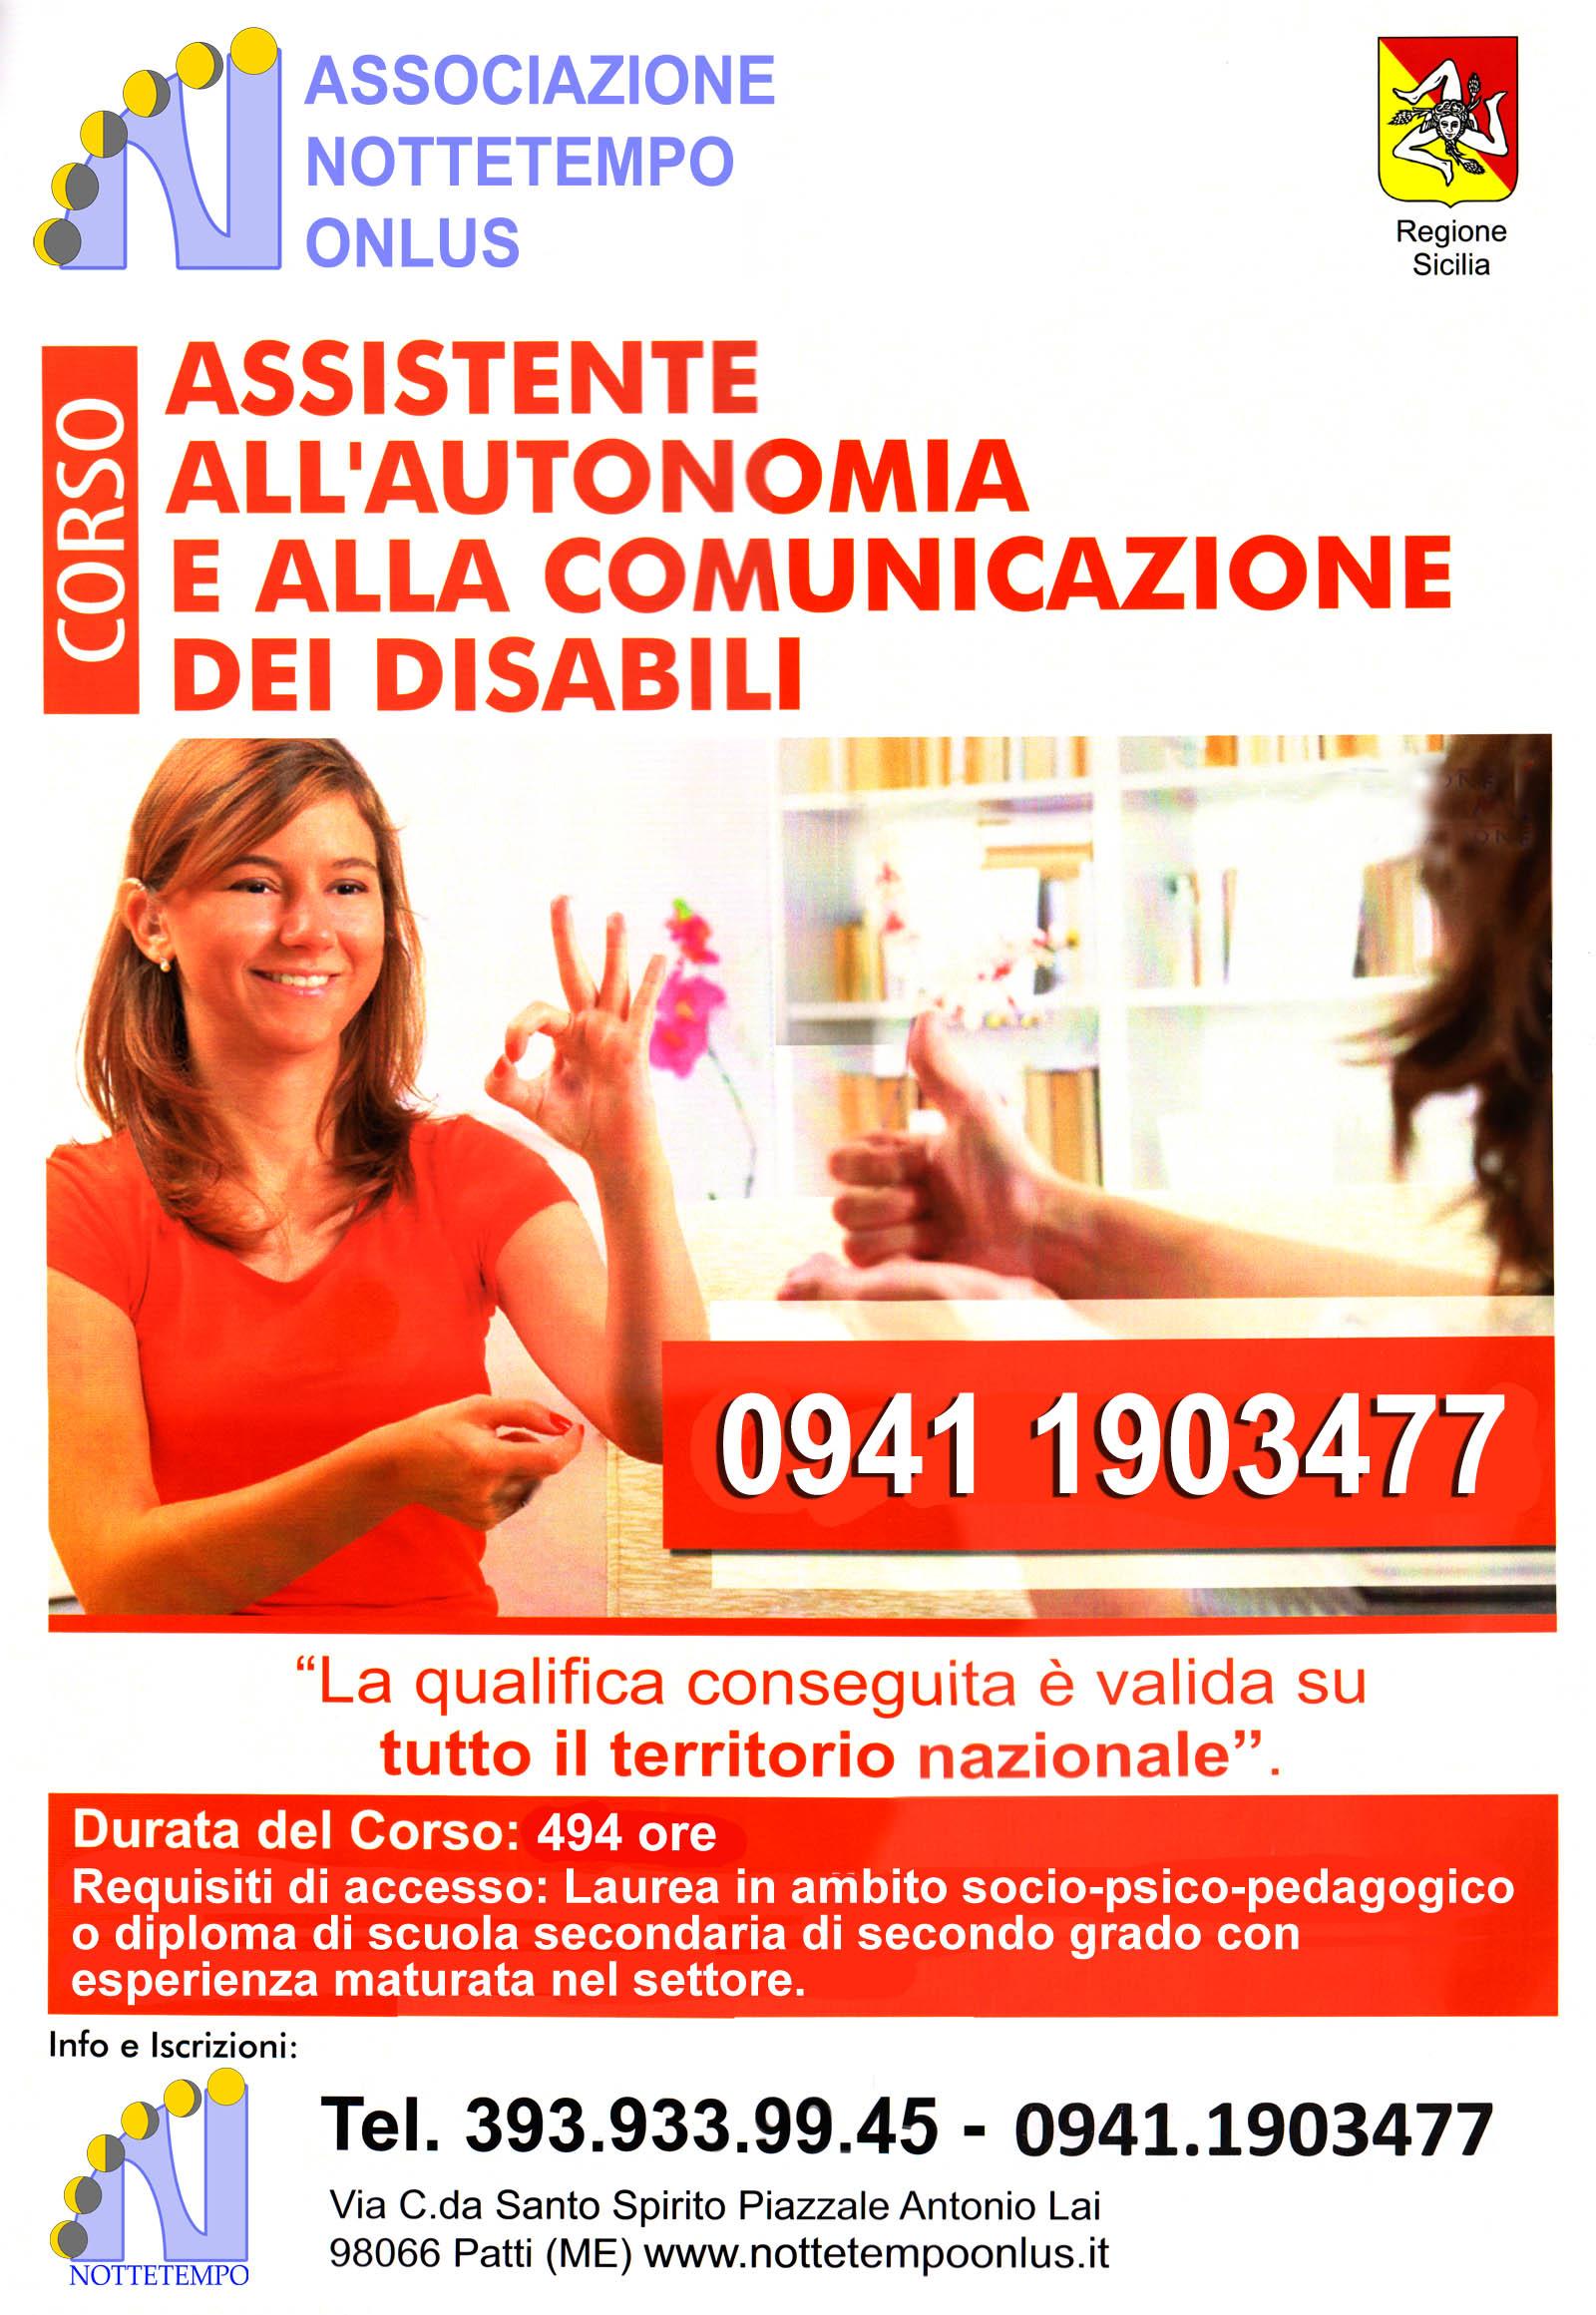 Corso per Assistente all'Autonomia ed alla comunicazione dei disabili